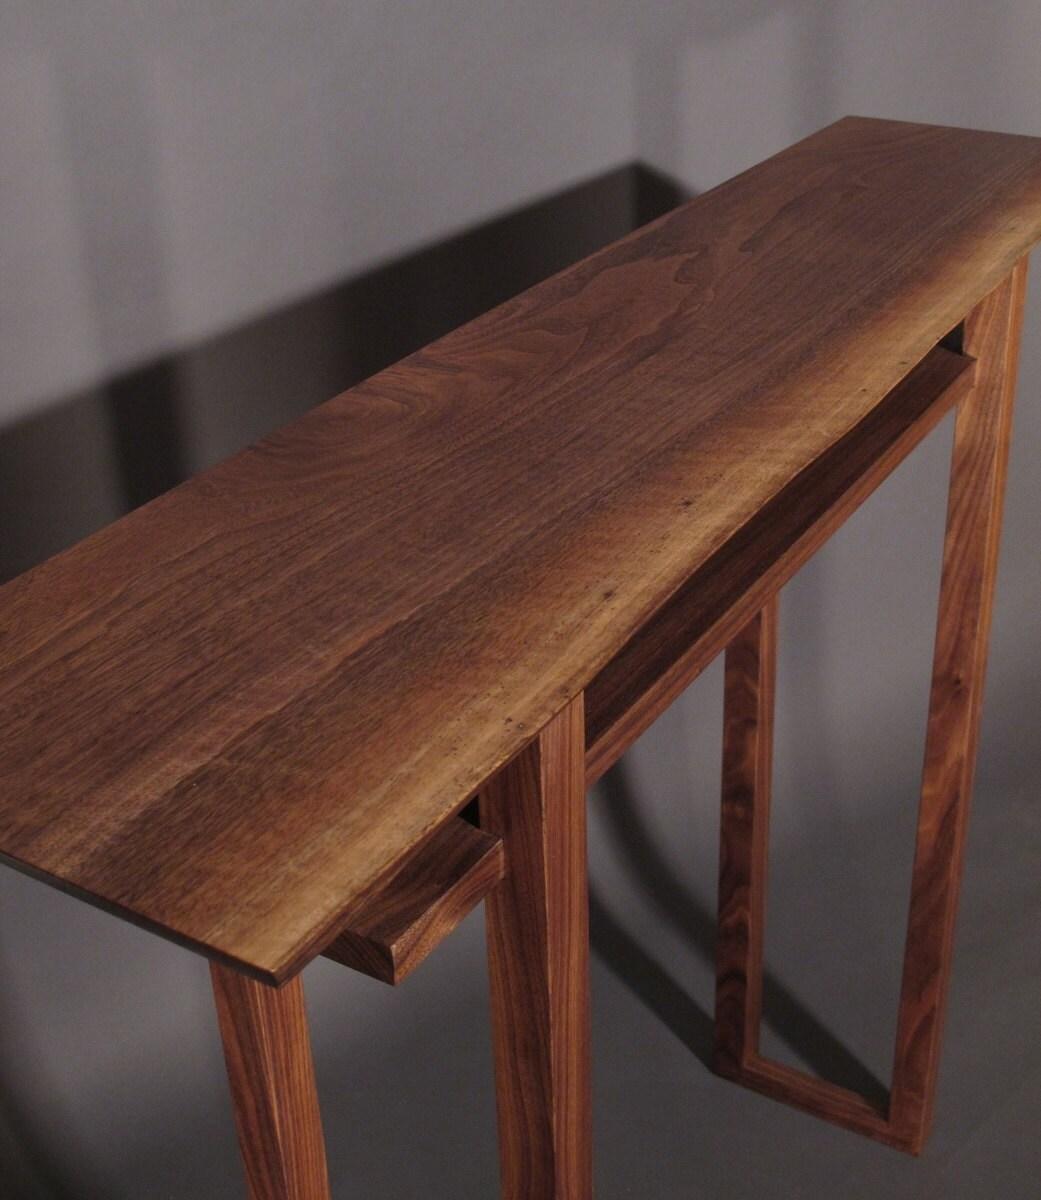 Live Edge Hall Table Handmade Wood Furniture For Narrow Hall